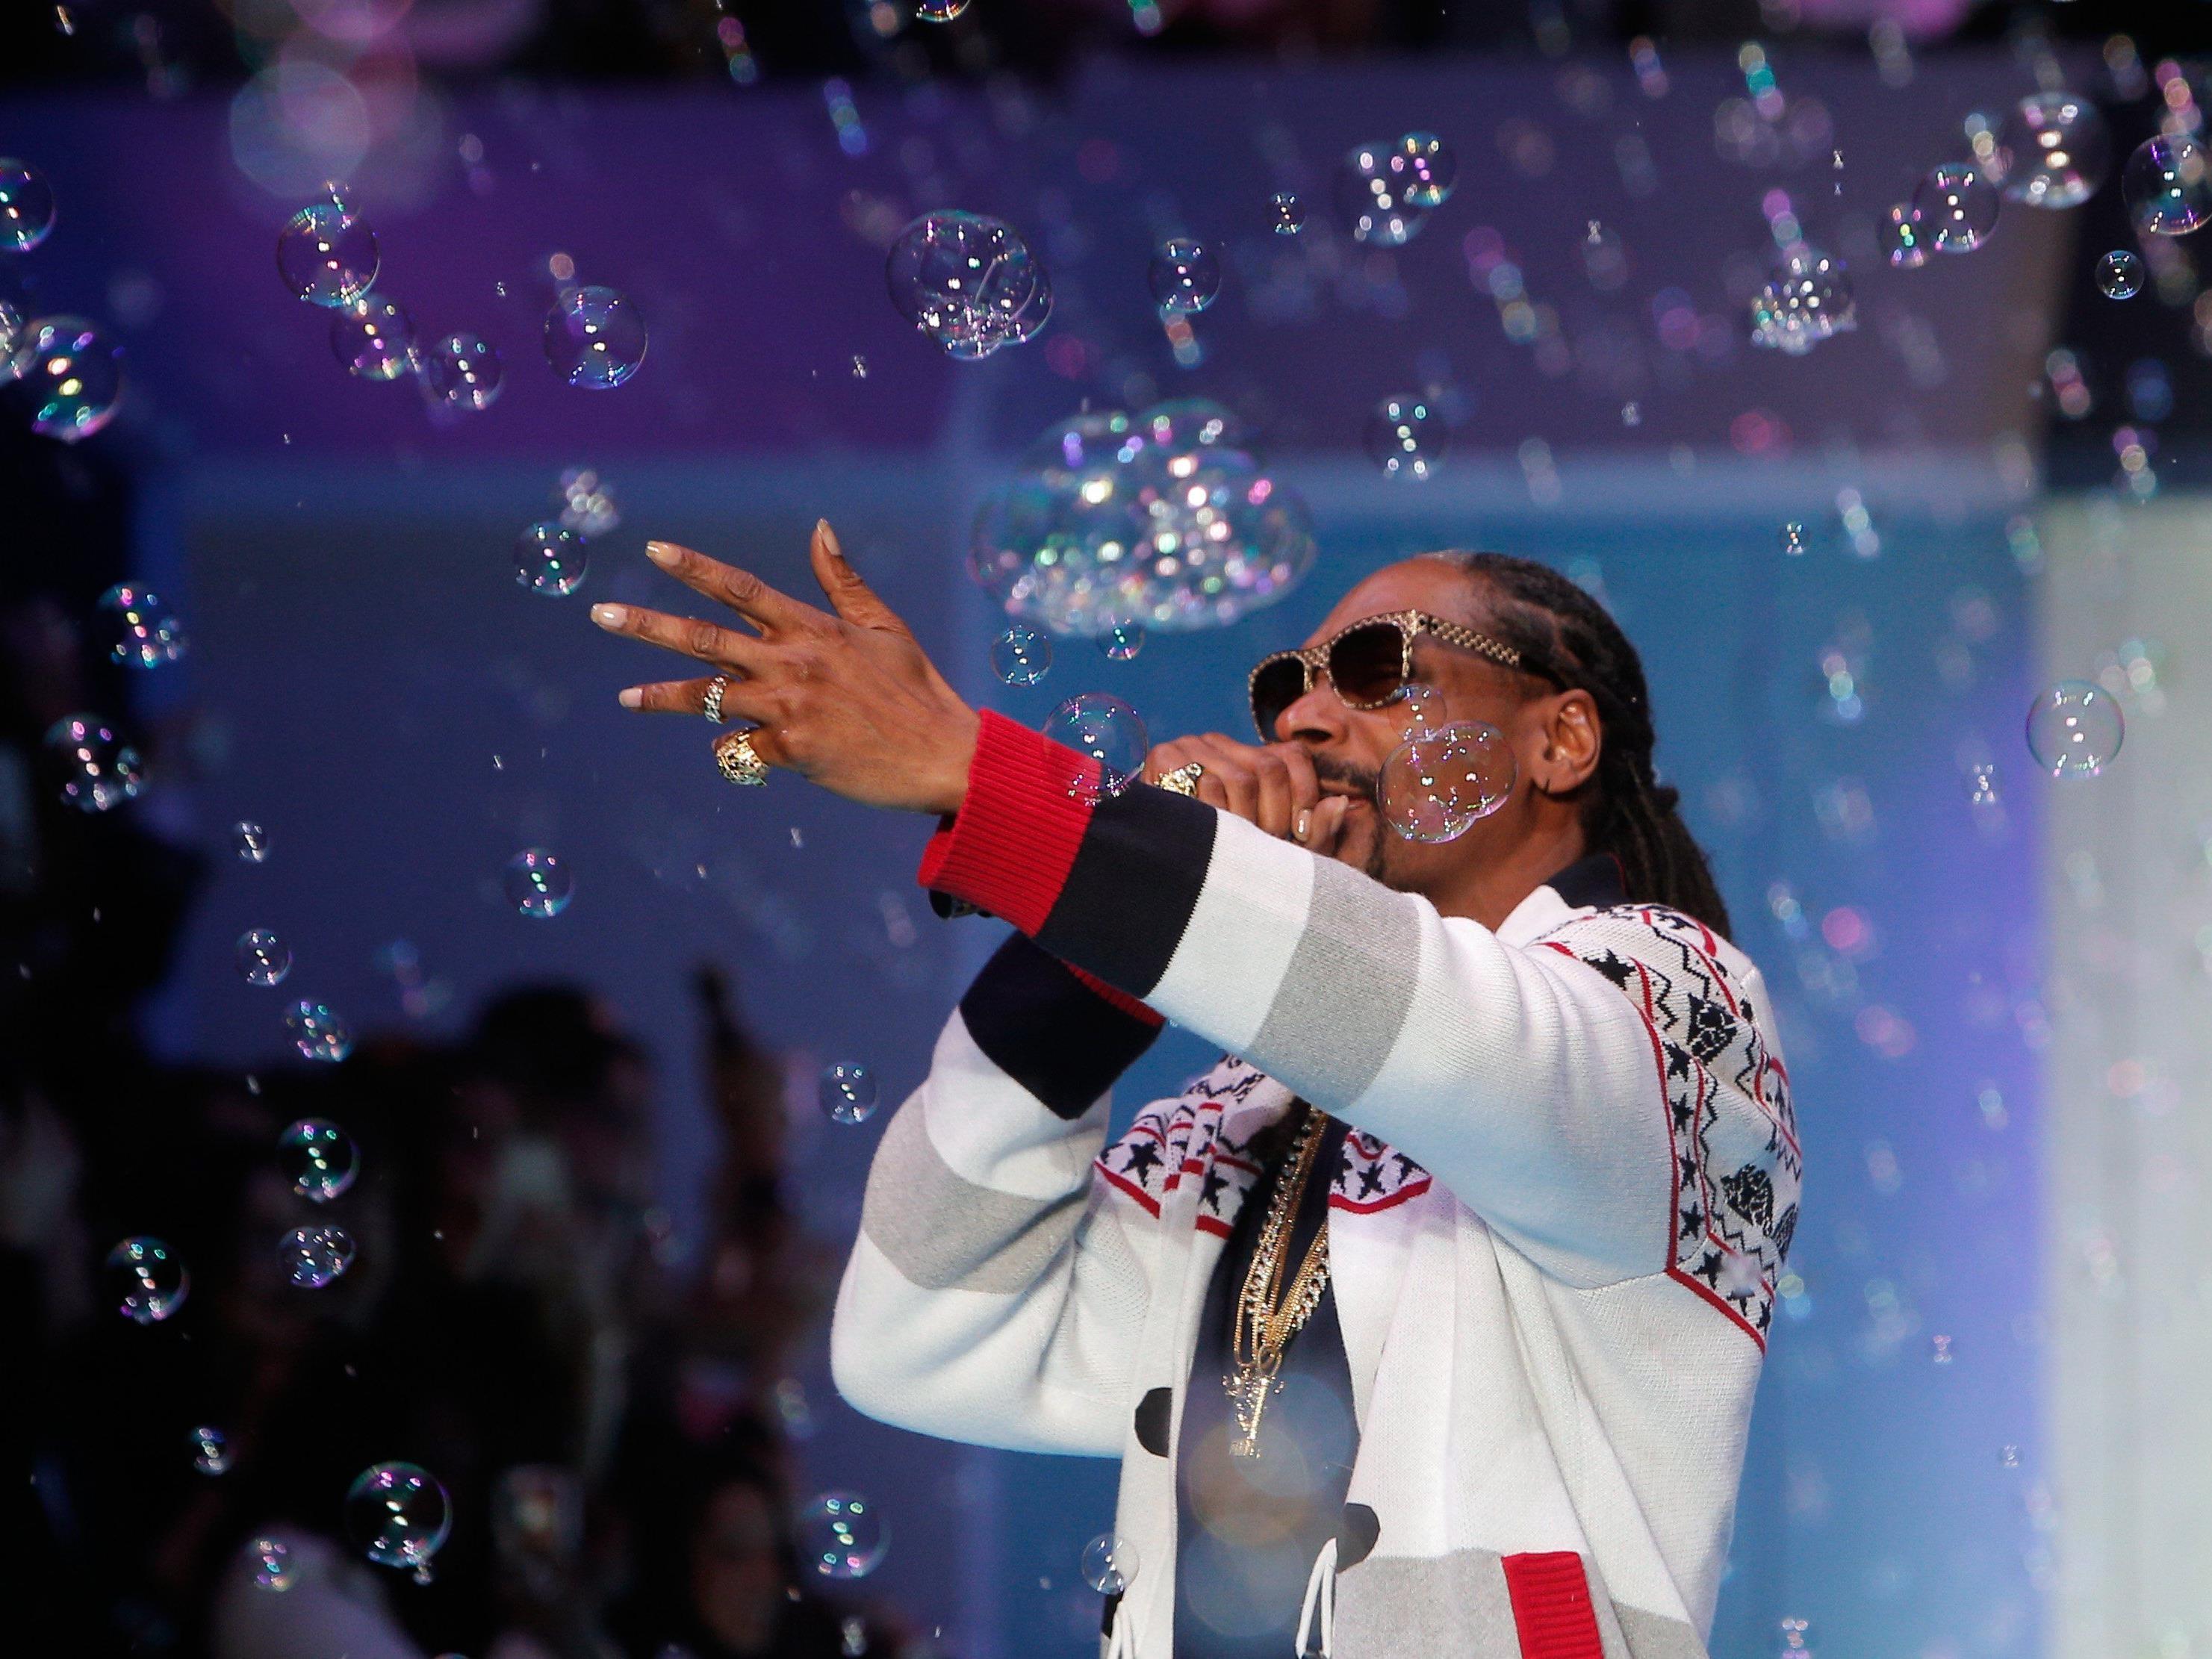 Snoop Dogg gibt amm 22. Juli 2015 ein Wien-Konzert in der Marx Halle.